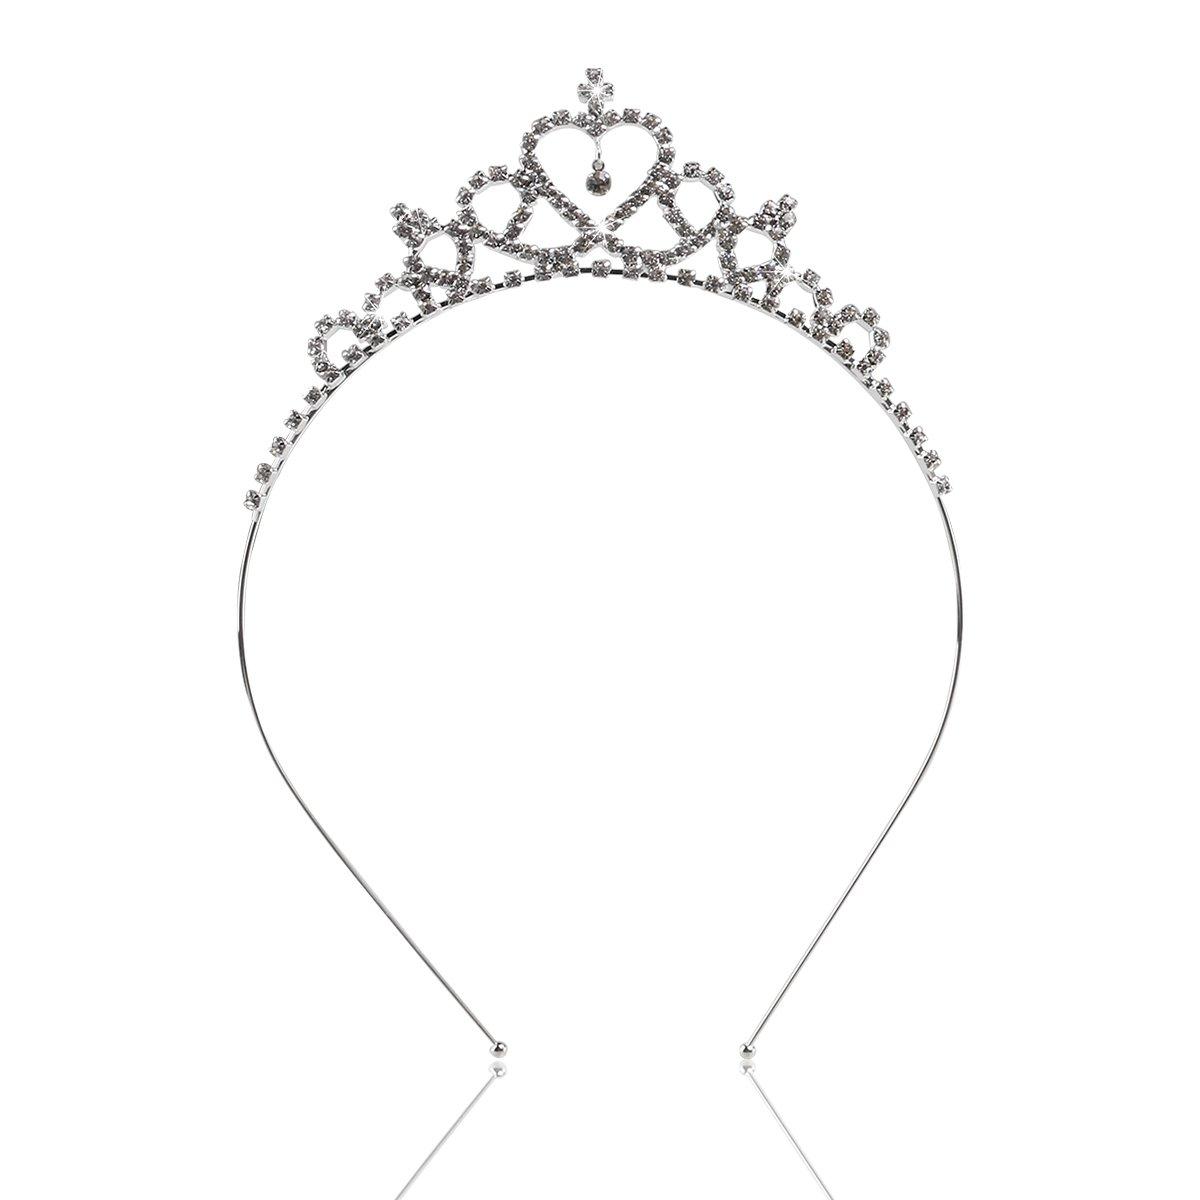 LUOEM Fleur Fille Tiare Bandeaux Fille Mariage Couronne Cristal Strass en Forme de Coeur Bandeau Accessoires de Cheveux de Mariage (Argent)